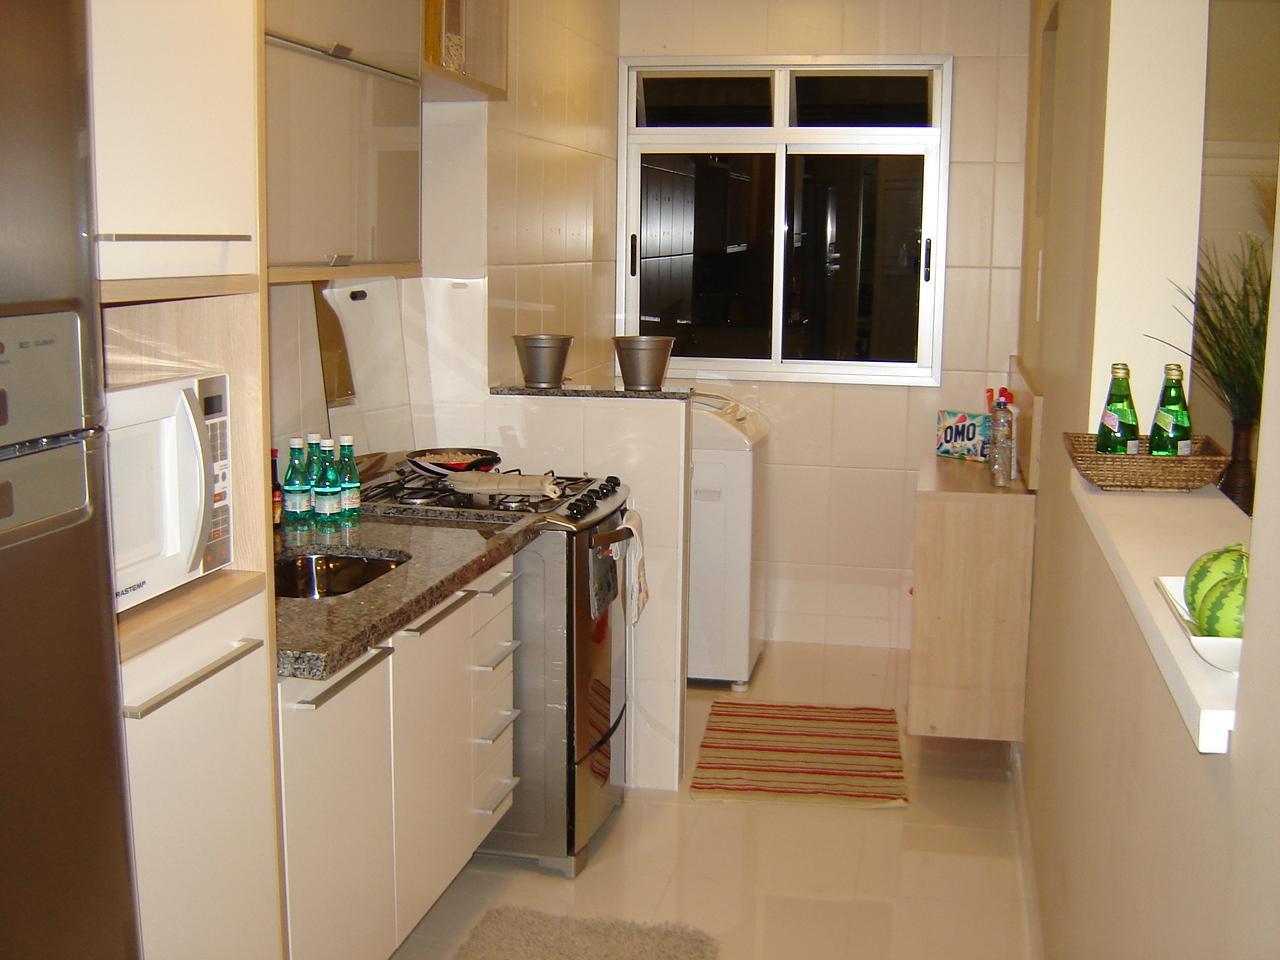 idéia de como é o meu apartamento a mini cozinha e área de serviço #8E6C3D 1280 960